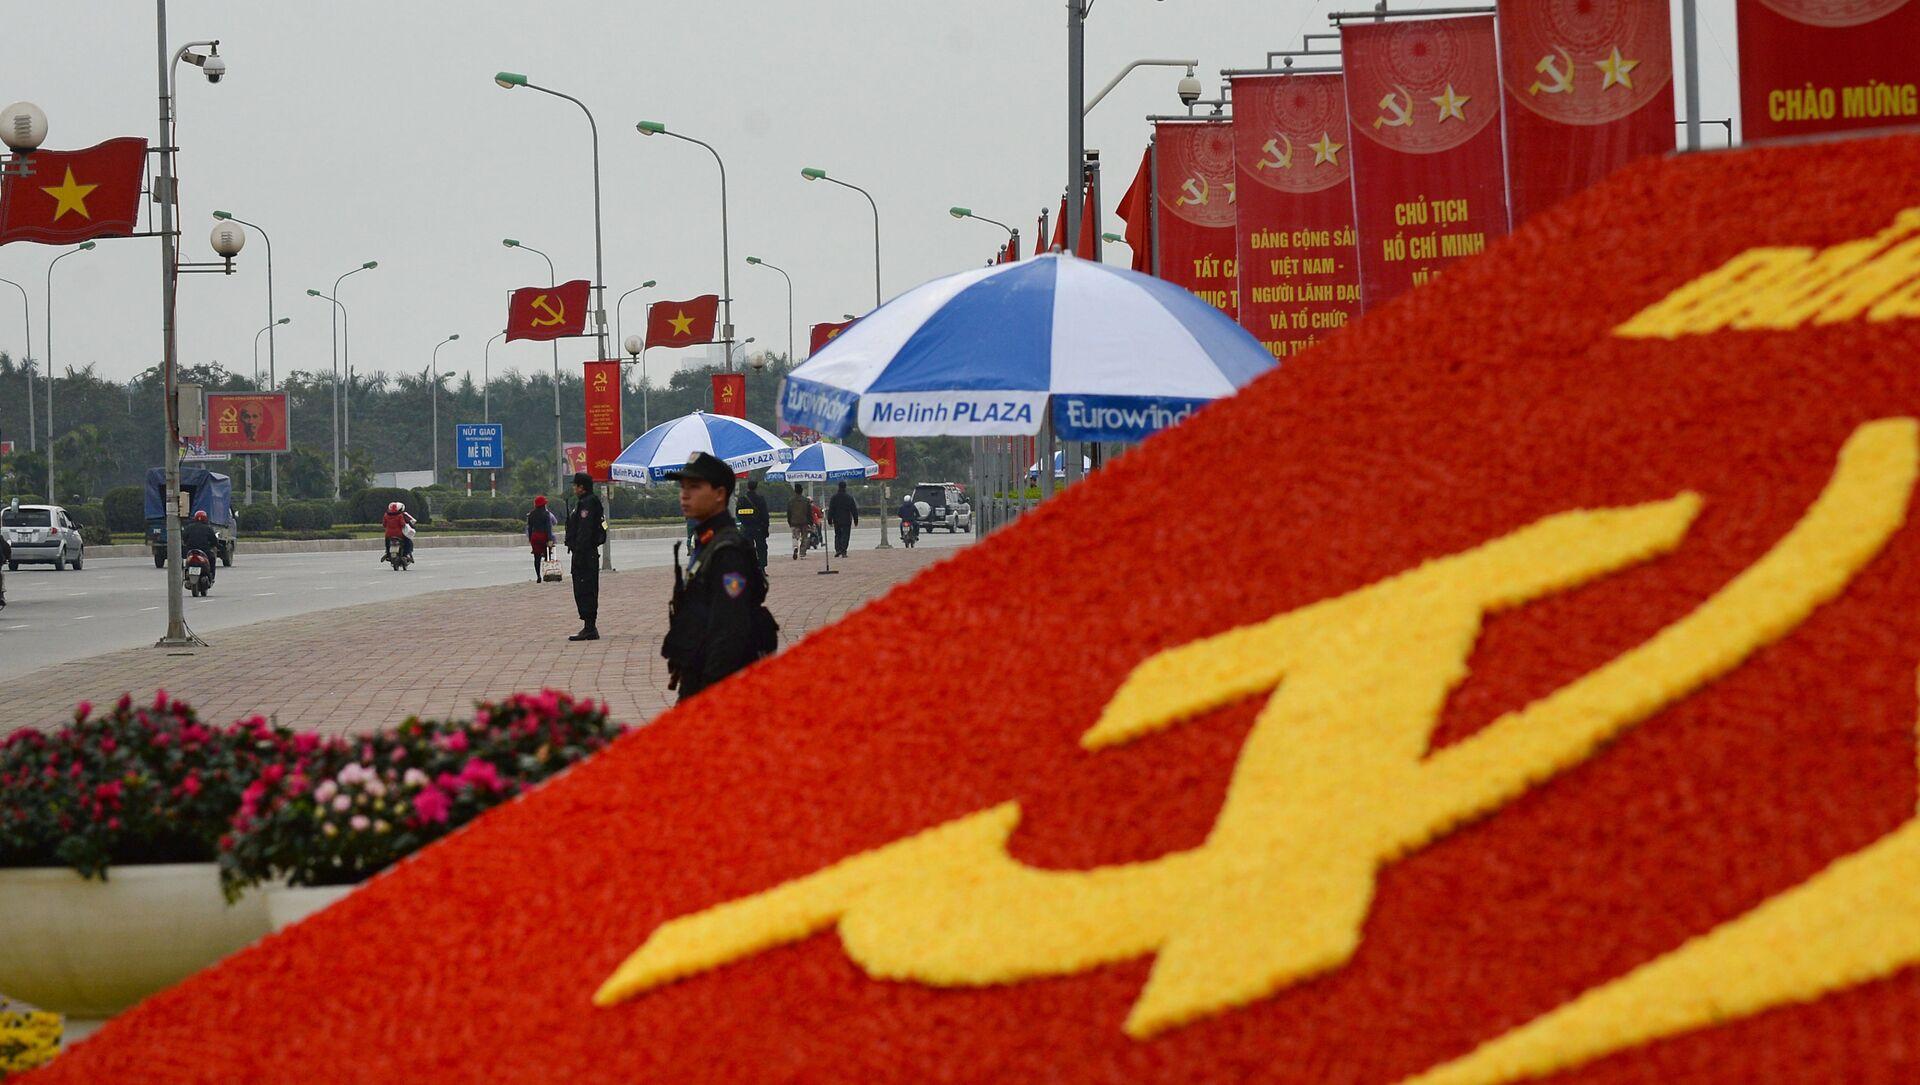 Cảnh sát đặc nhiệm trên đường phố của Hà Nội trước Đại hội 12 Đảng Cộng sản Việt Nam - Sputnik Việt Nam, 1920, 11.04.2021